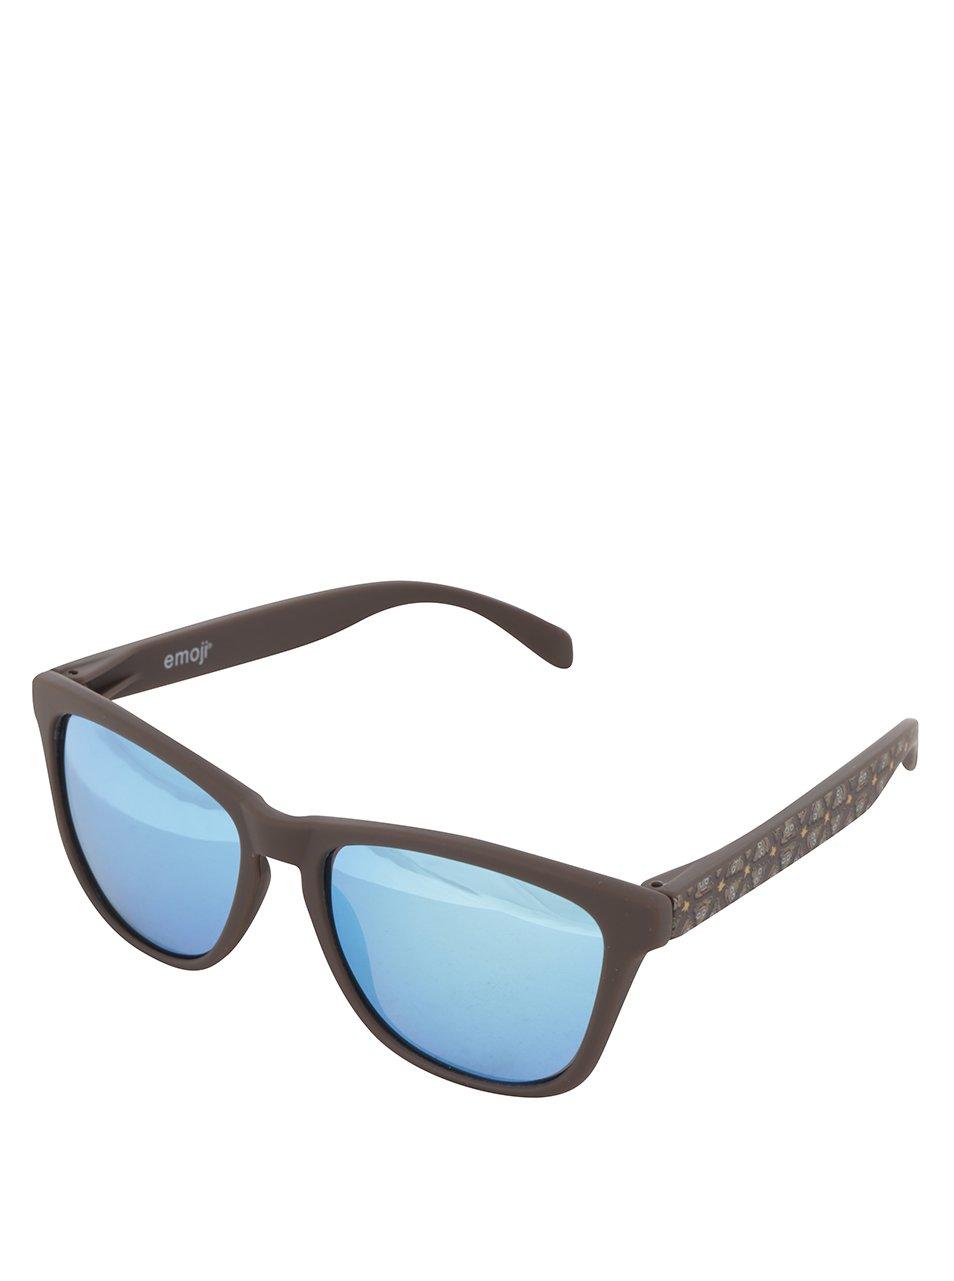 Tmavě hnědé unisex sluneční brýle Emoji Poop